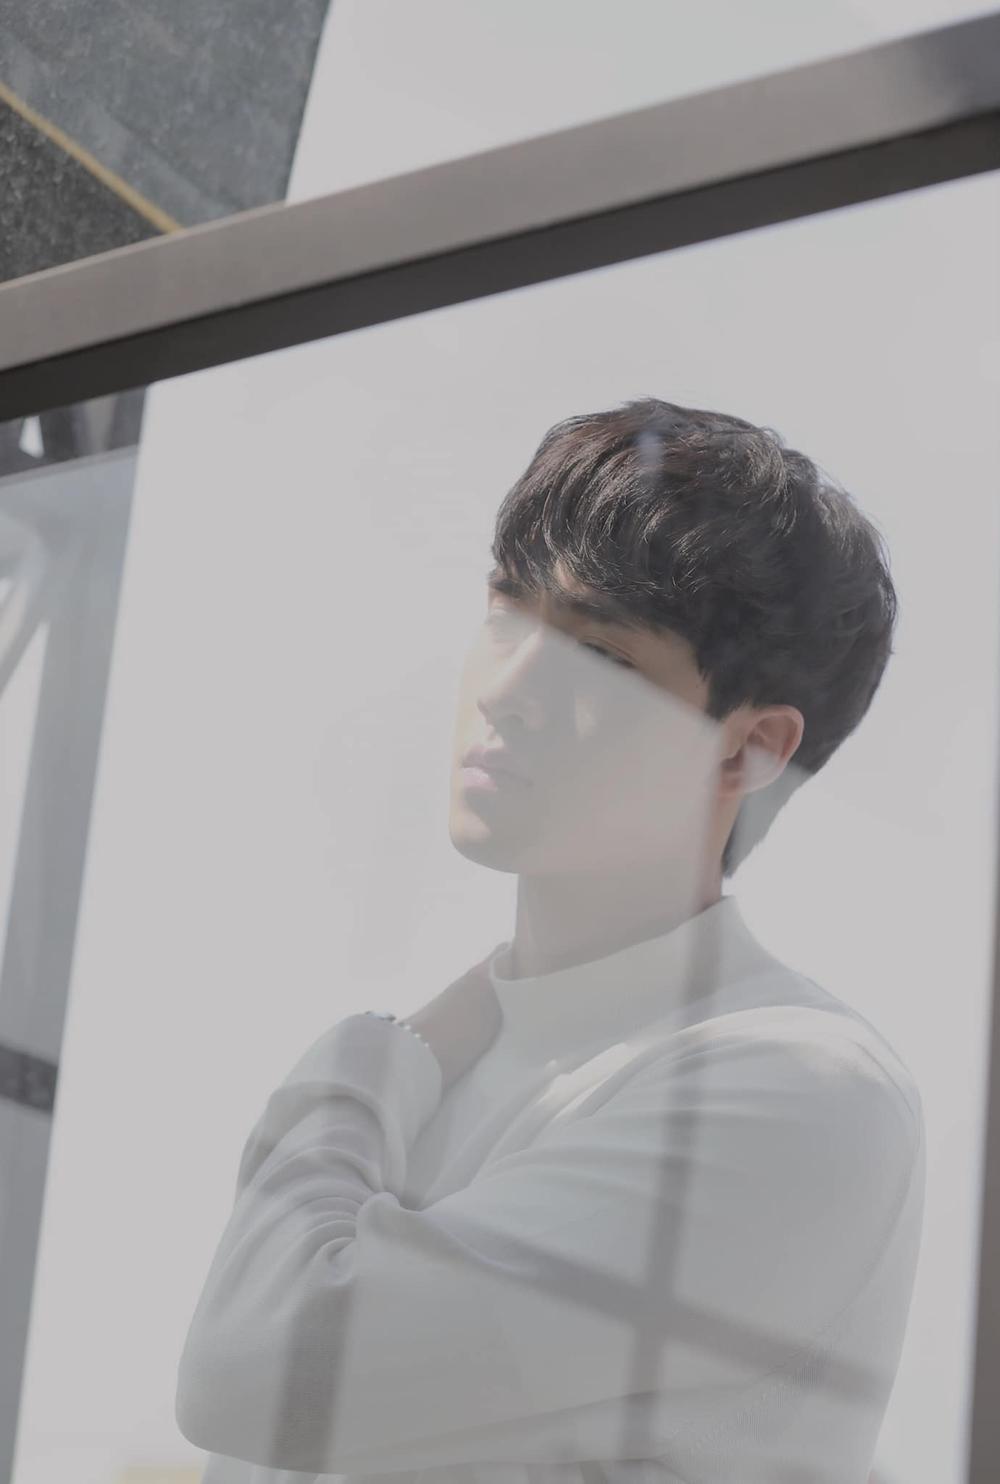 Vũ Thịnh hát OST 'Em là chàng trai của anh': Chỉ thay đổi beat mà khác hẳn, hợp cảnh tình đơn phương Ảnh 1